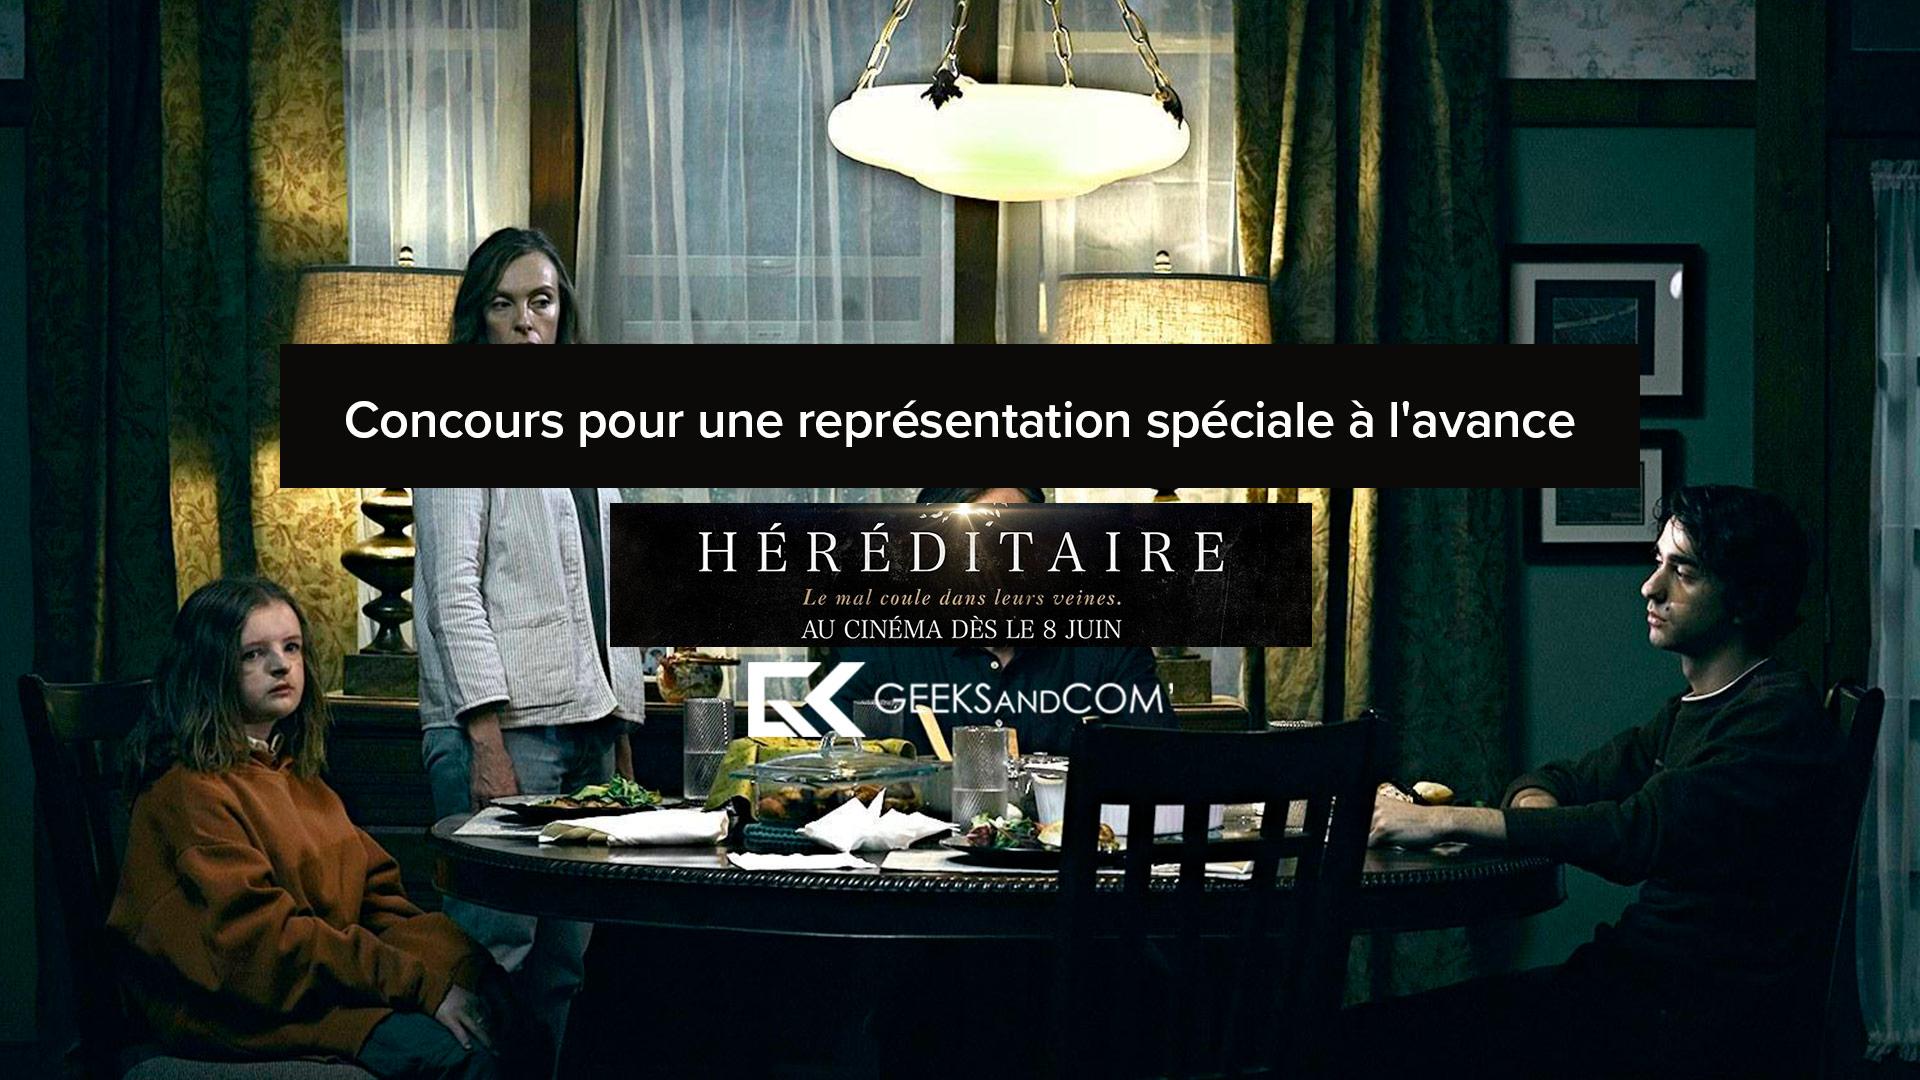 [Québec] Concours pour voir le film HEREDITARY (VOA ou FR)